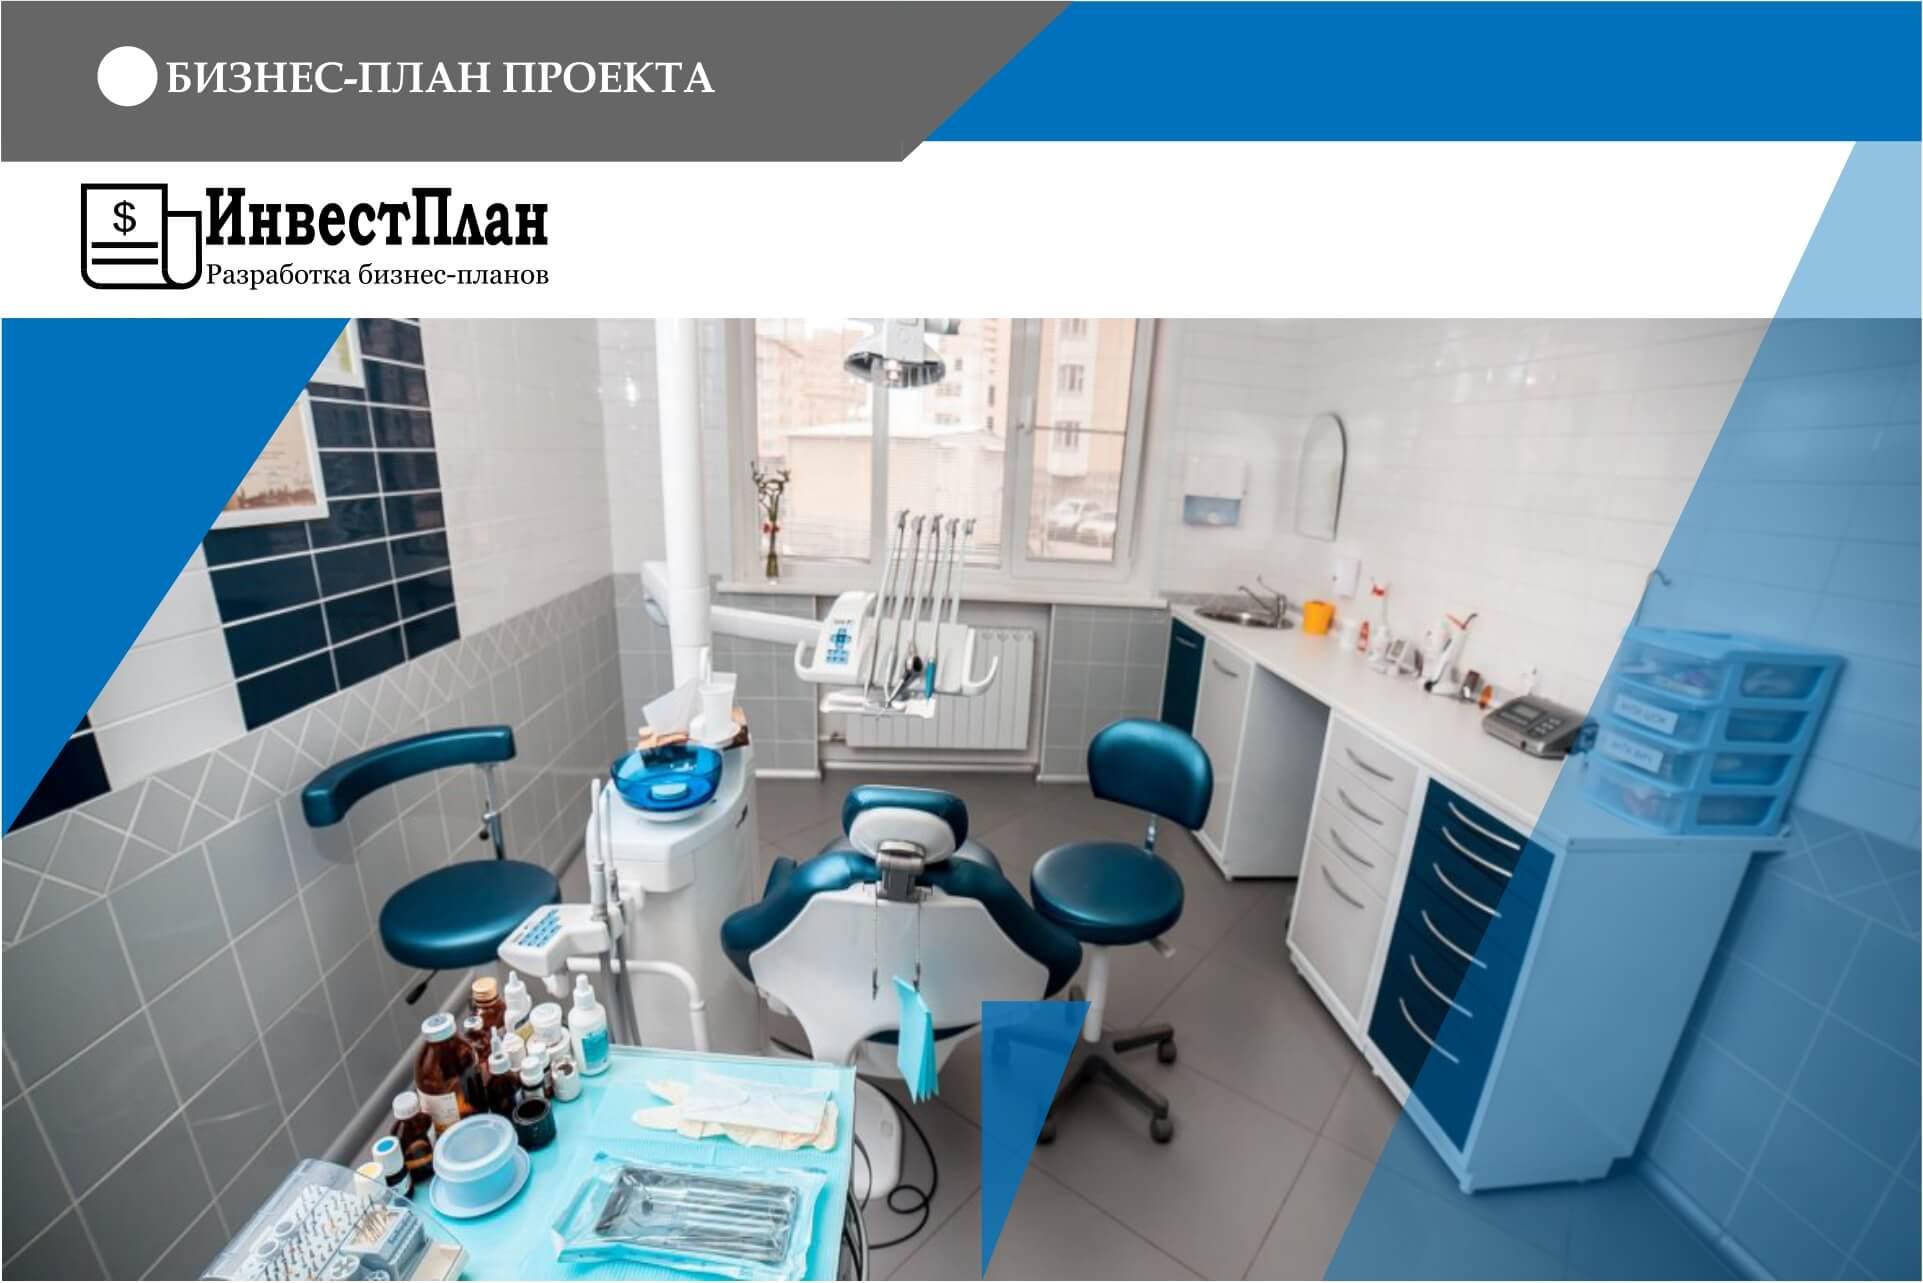 Пример Бизнес-плана стоматологической клиники в Самаре